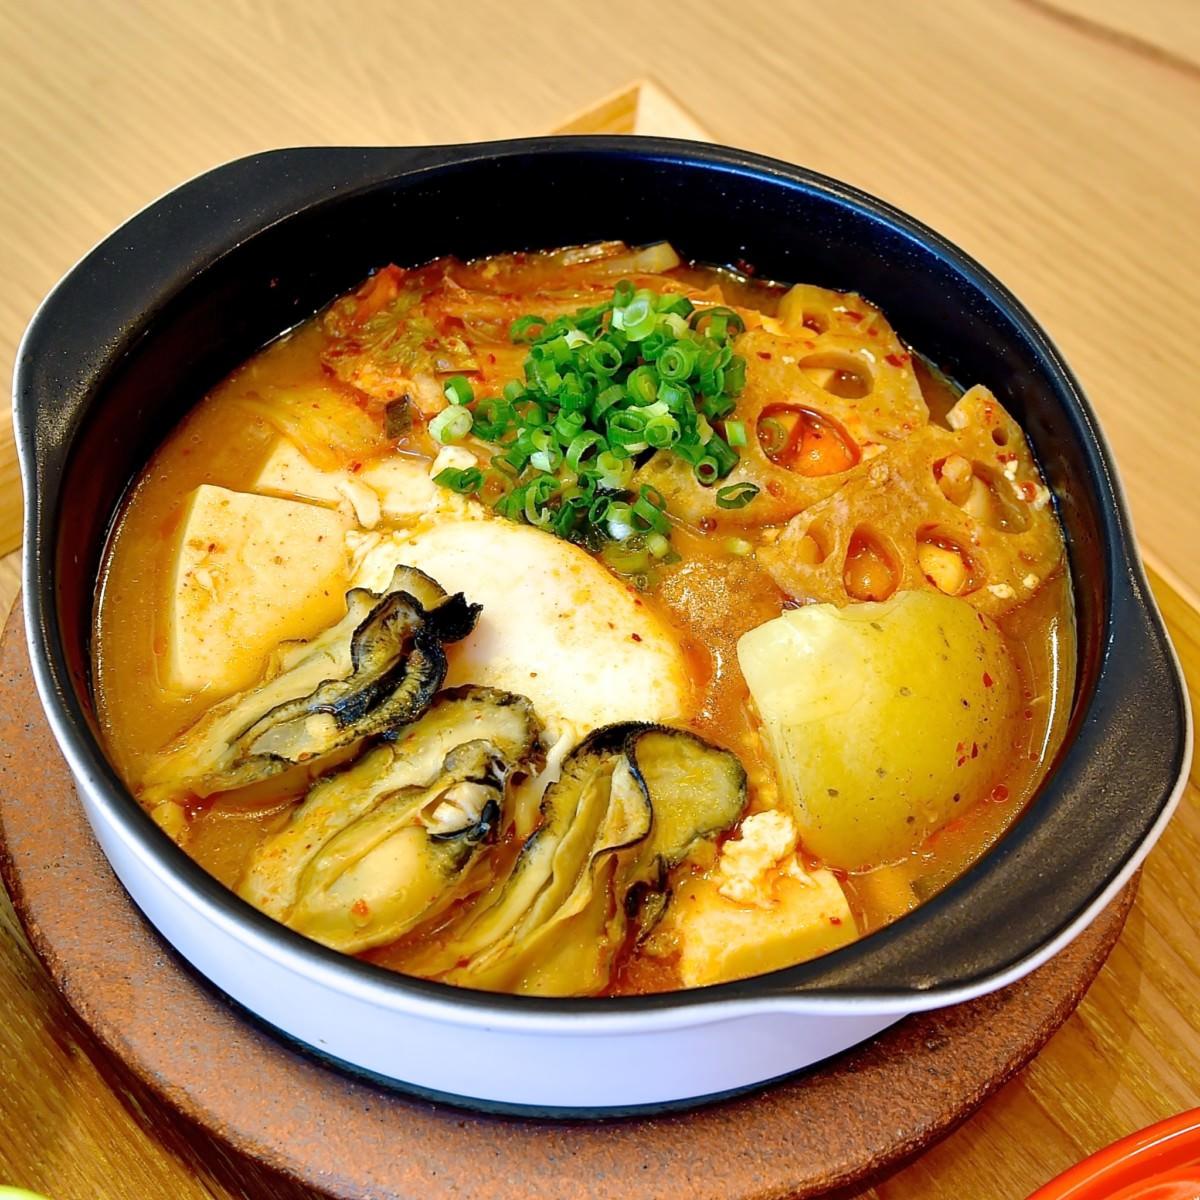   【実食レポ】おしゃれな定食スタイル!和ごはんとカフェ chawan「広島県産 牡蠣フェア」